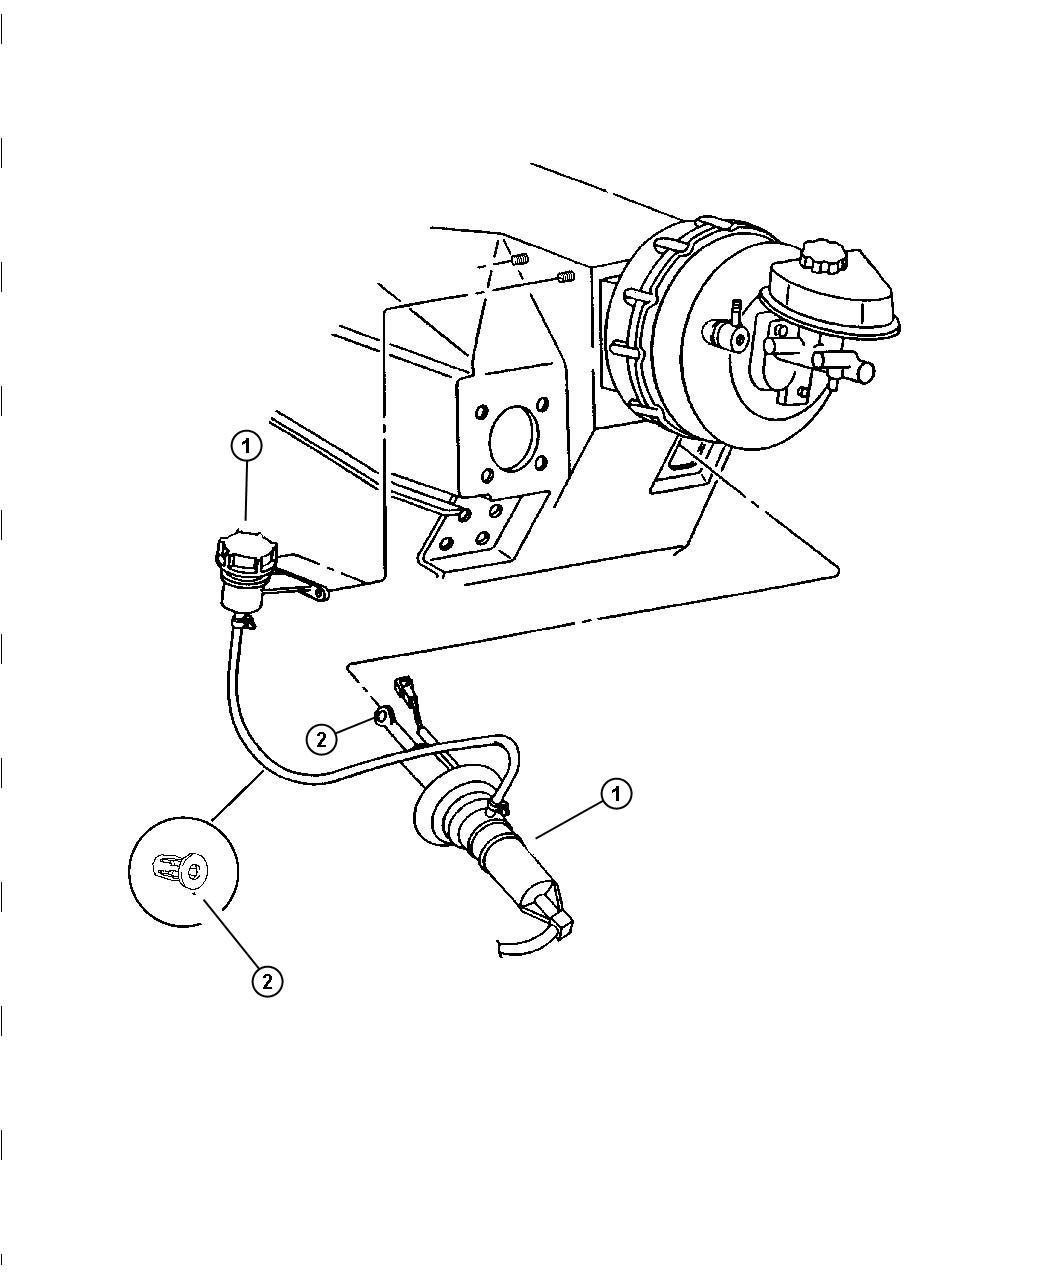 1996 Dodge Viper Actuator. Hydraulic clutch. System, mopar